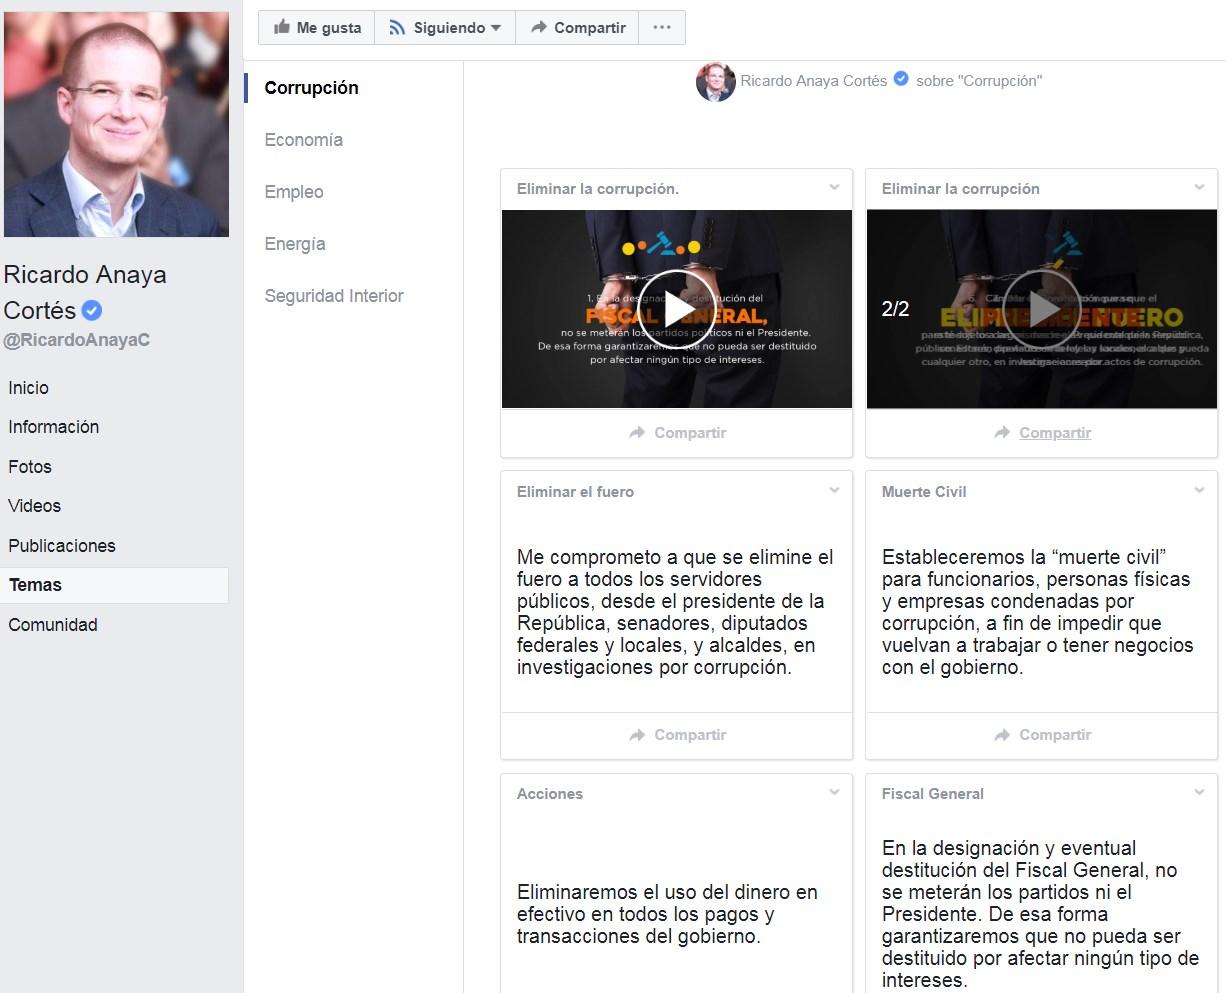 El candidato de la coalición Por México al Frente y sus propuestas en la red